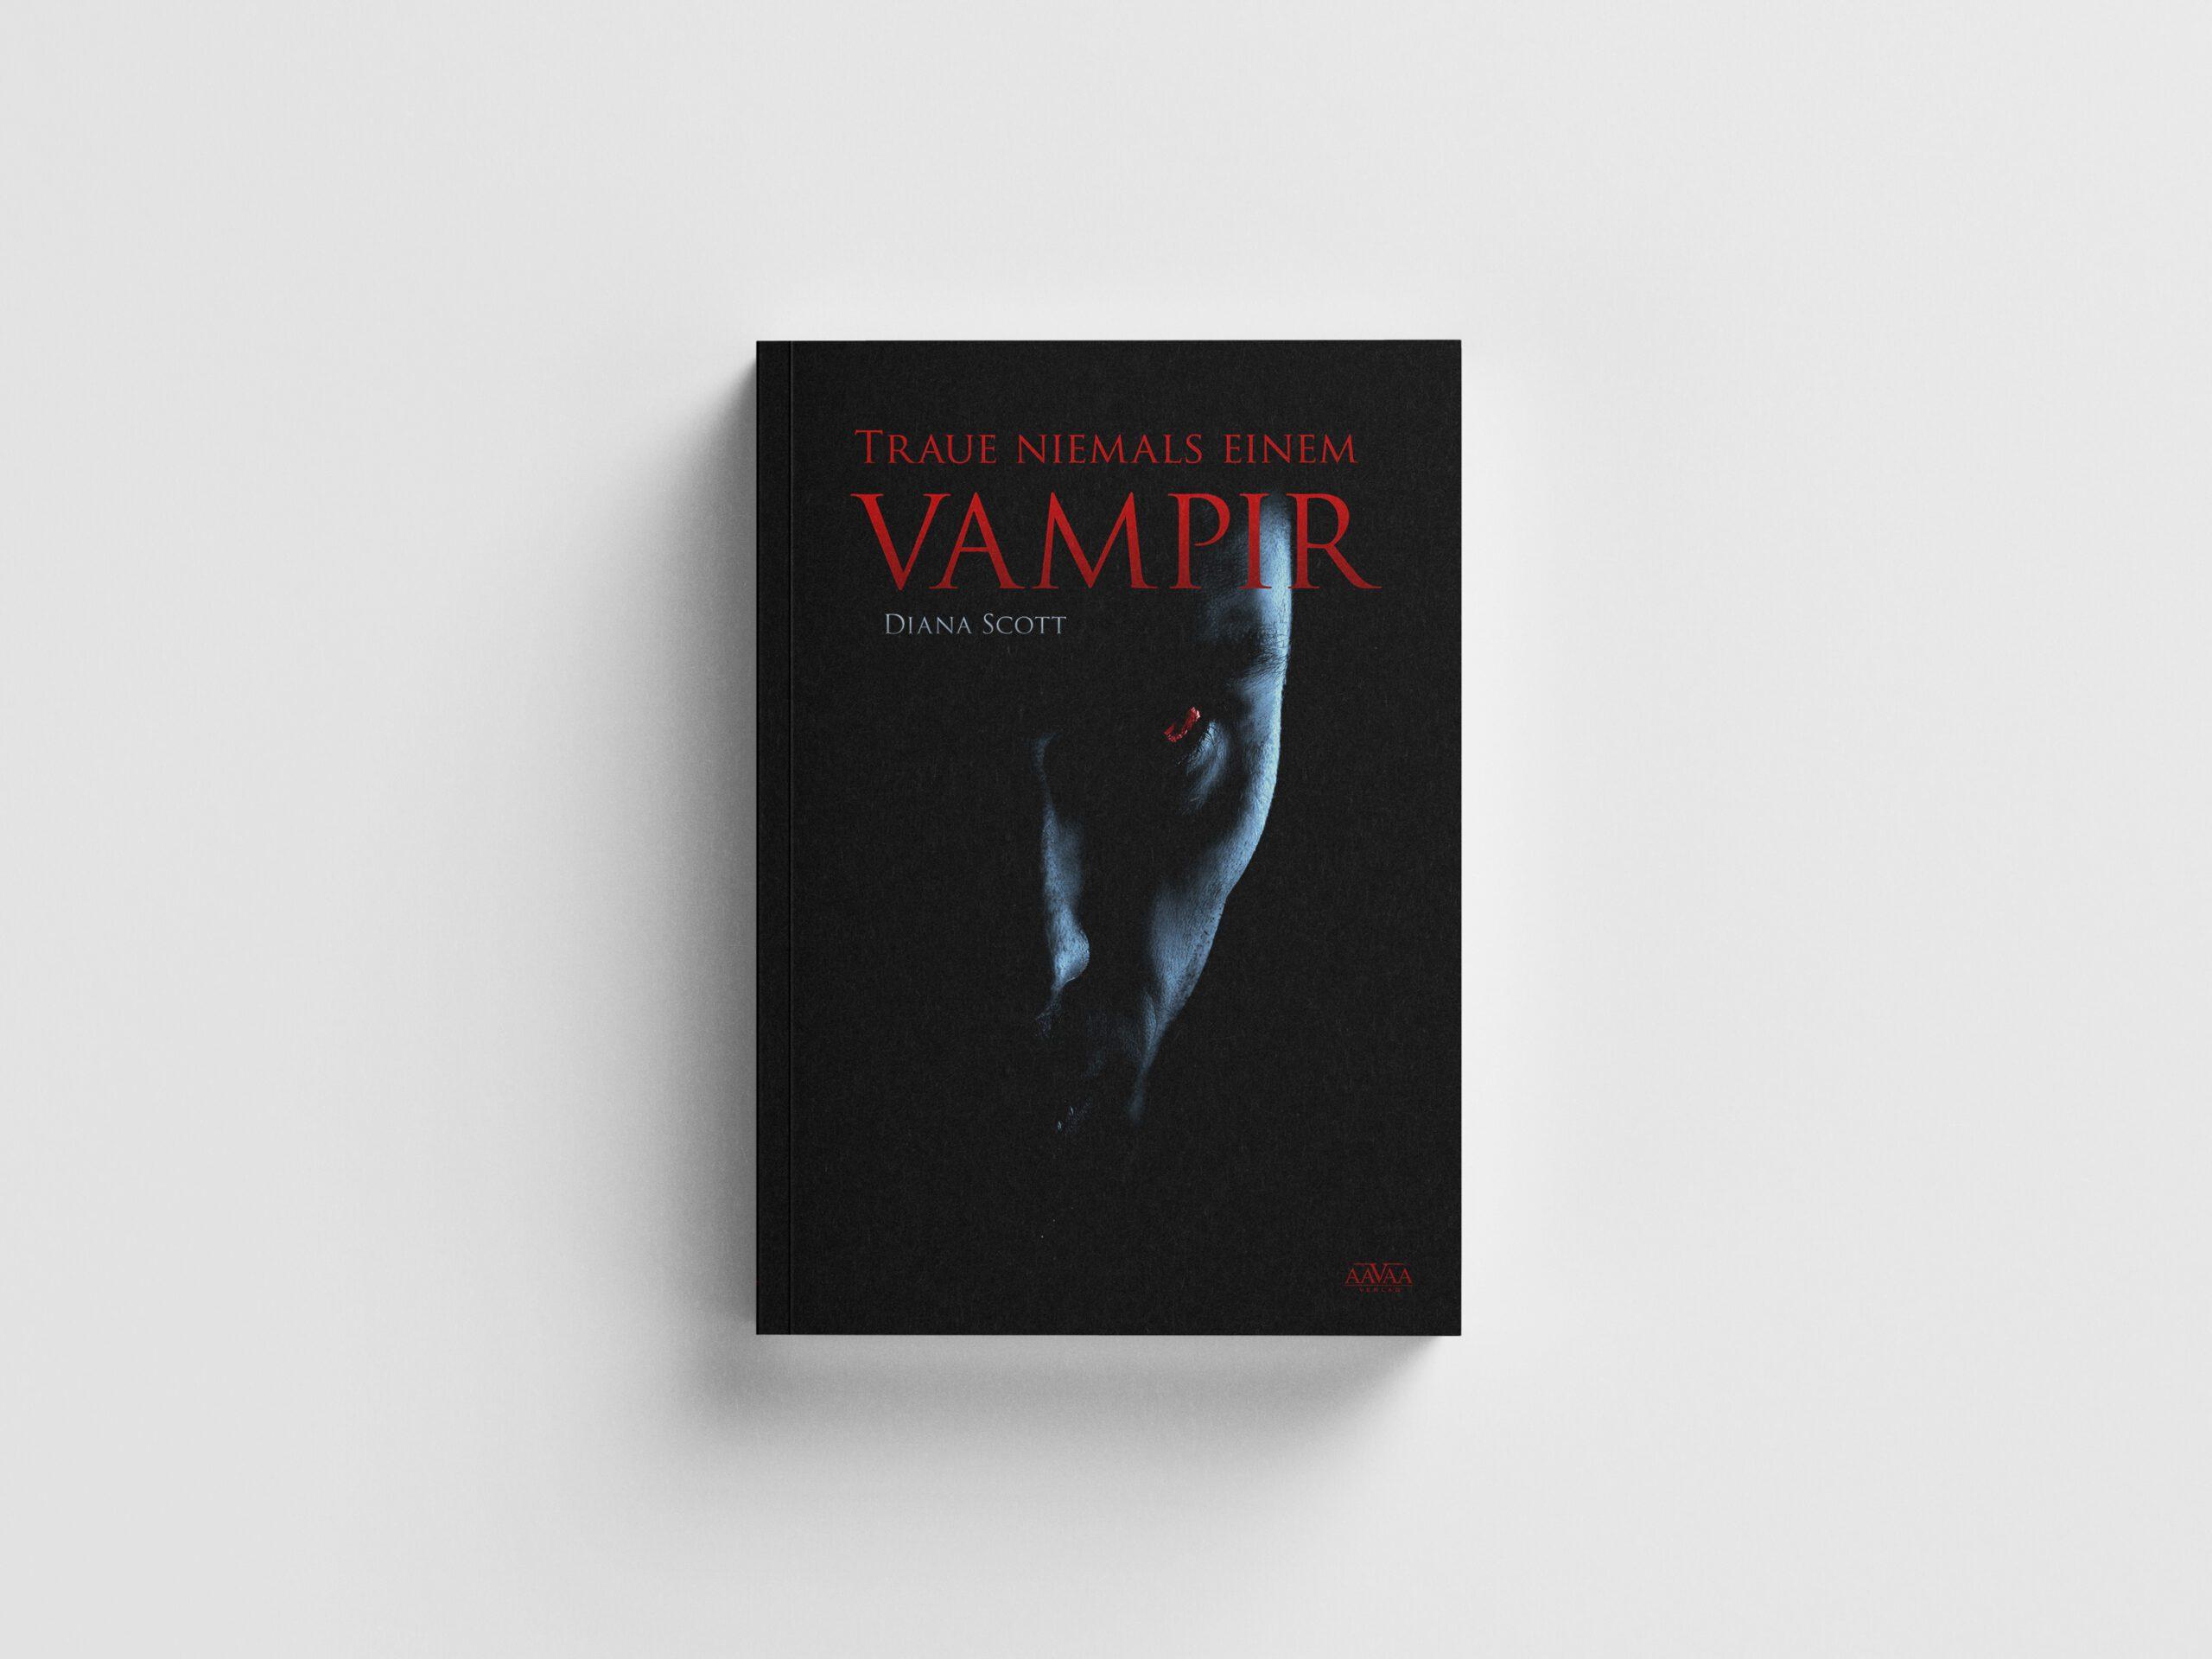 Traue niemals einem Vampir Buchcover